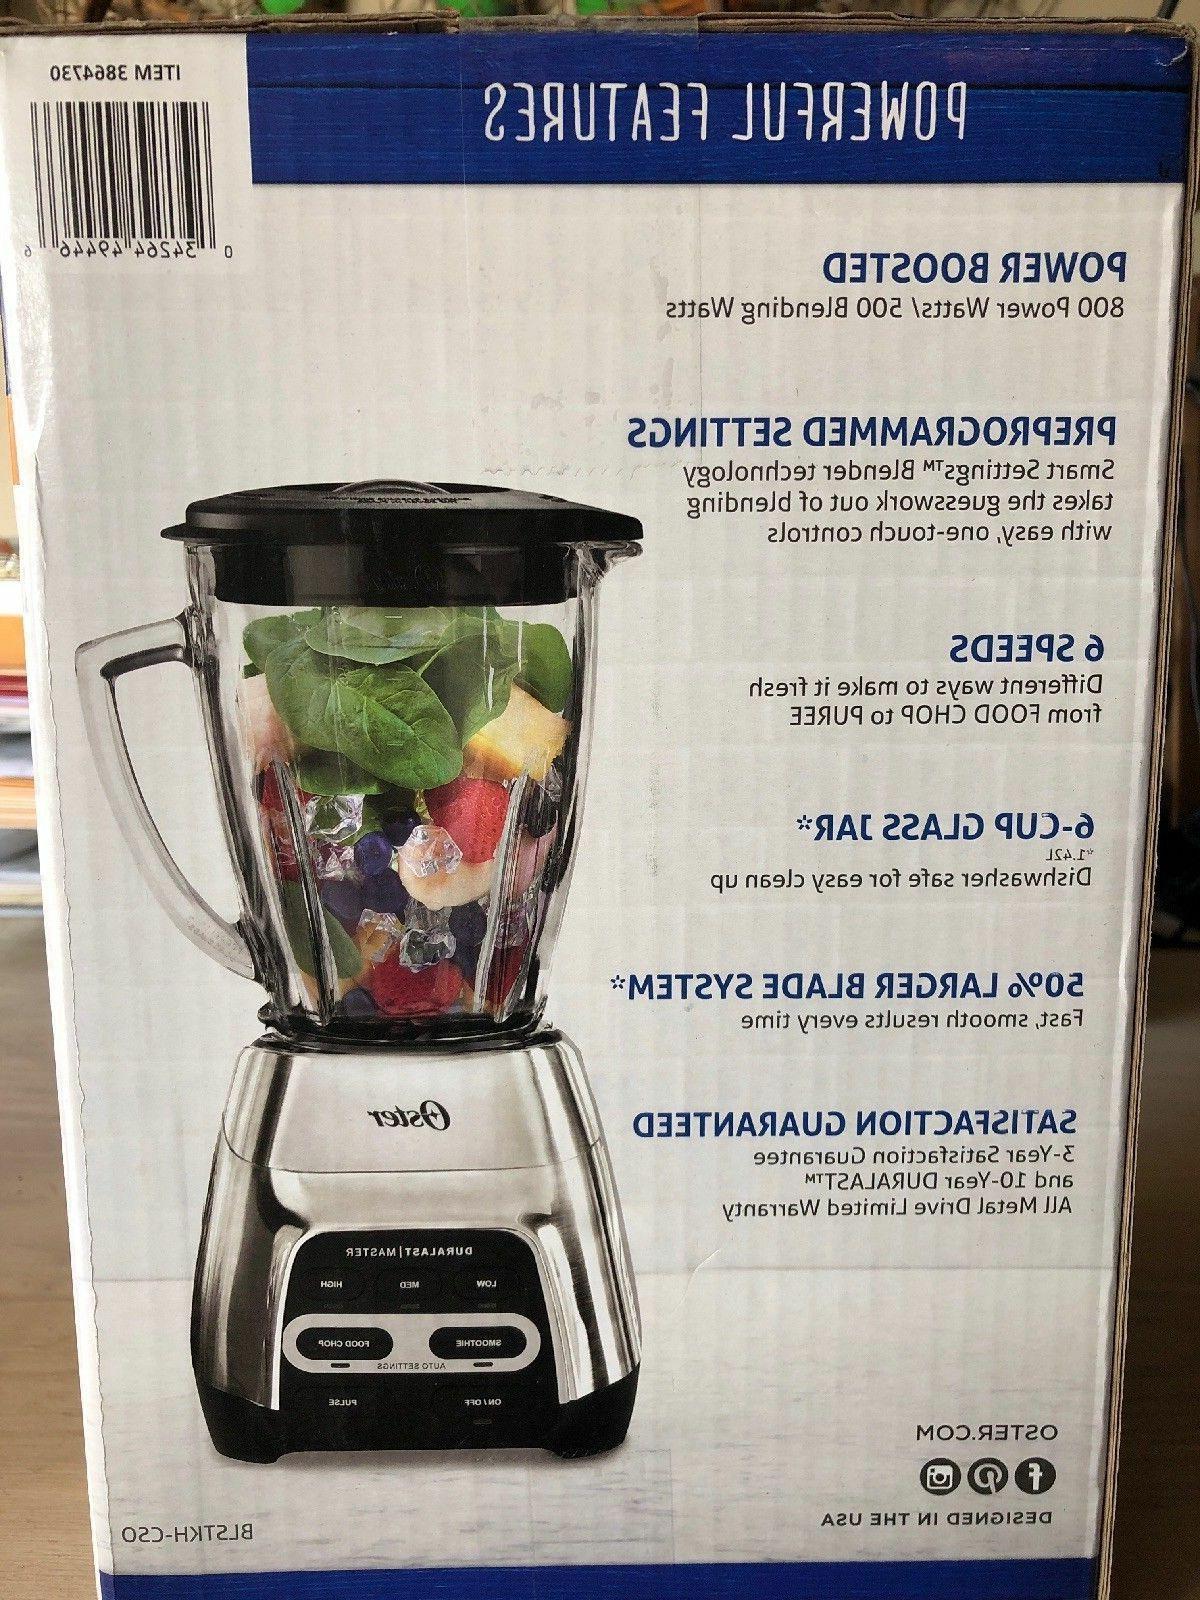 Oster Series Blender BLSTKH-CSO 800 6 6